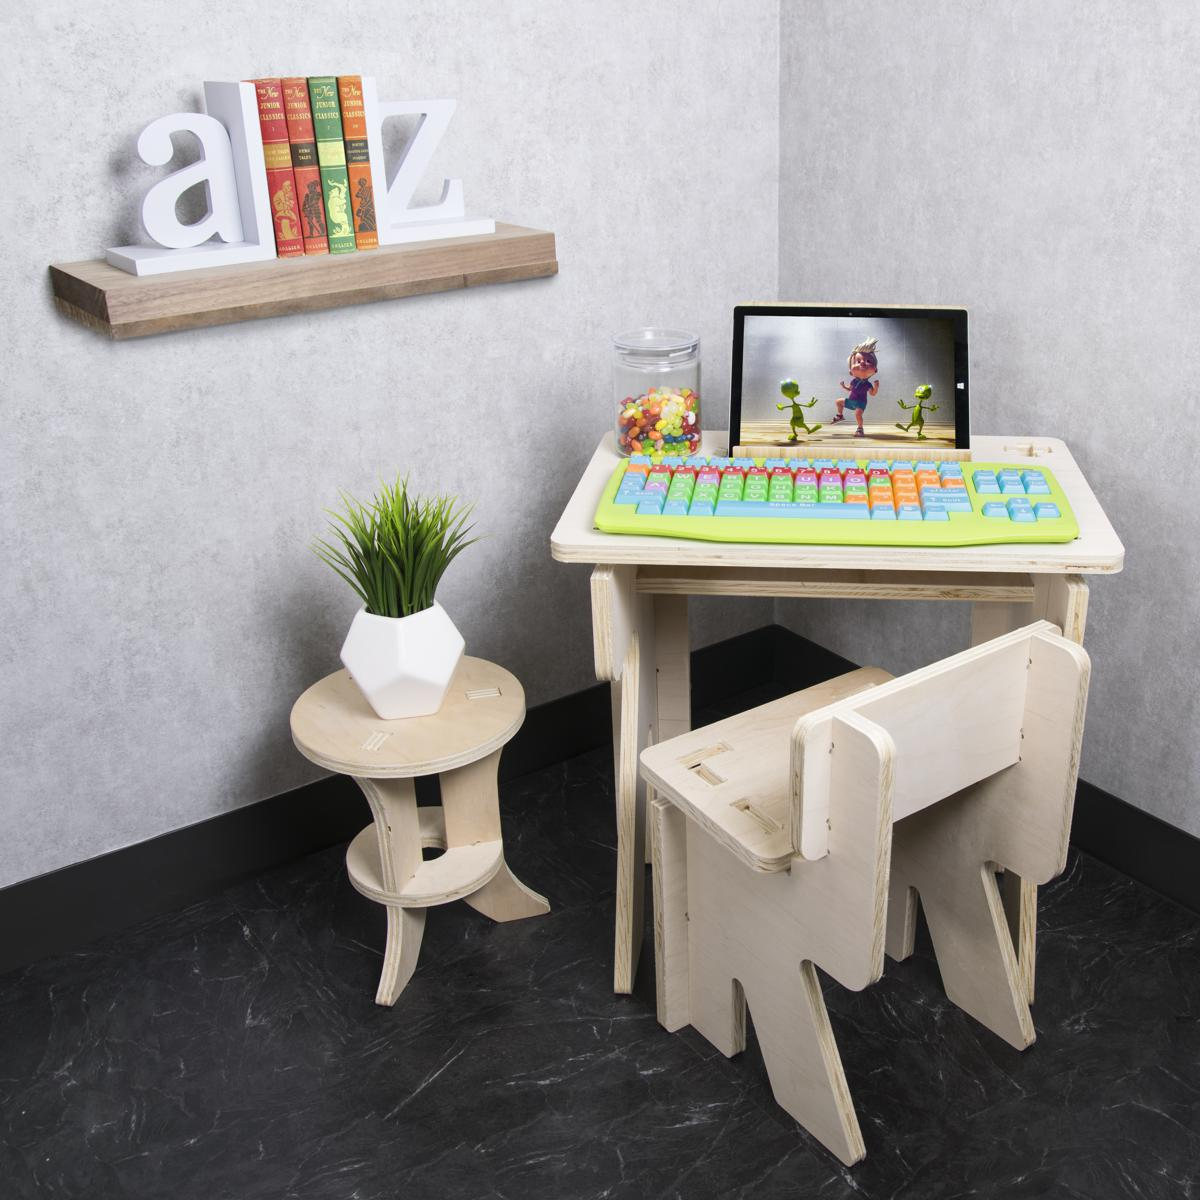 Kids keyboard on a desk